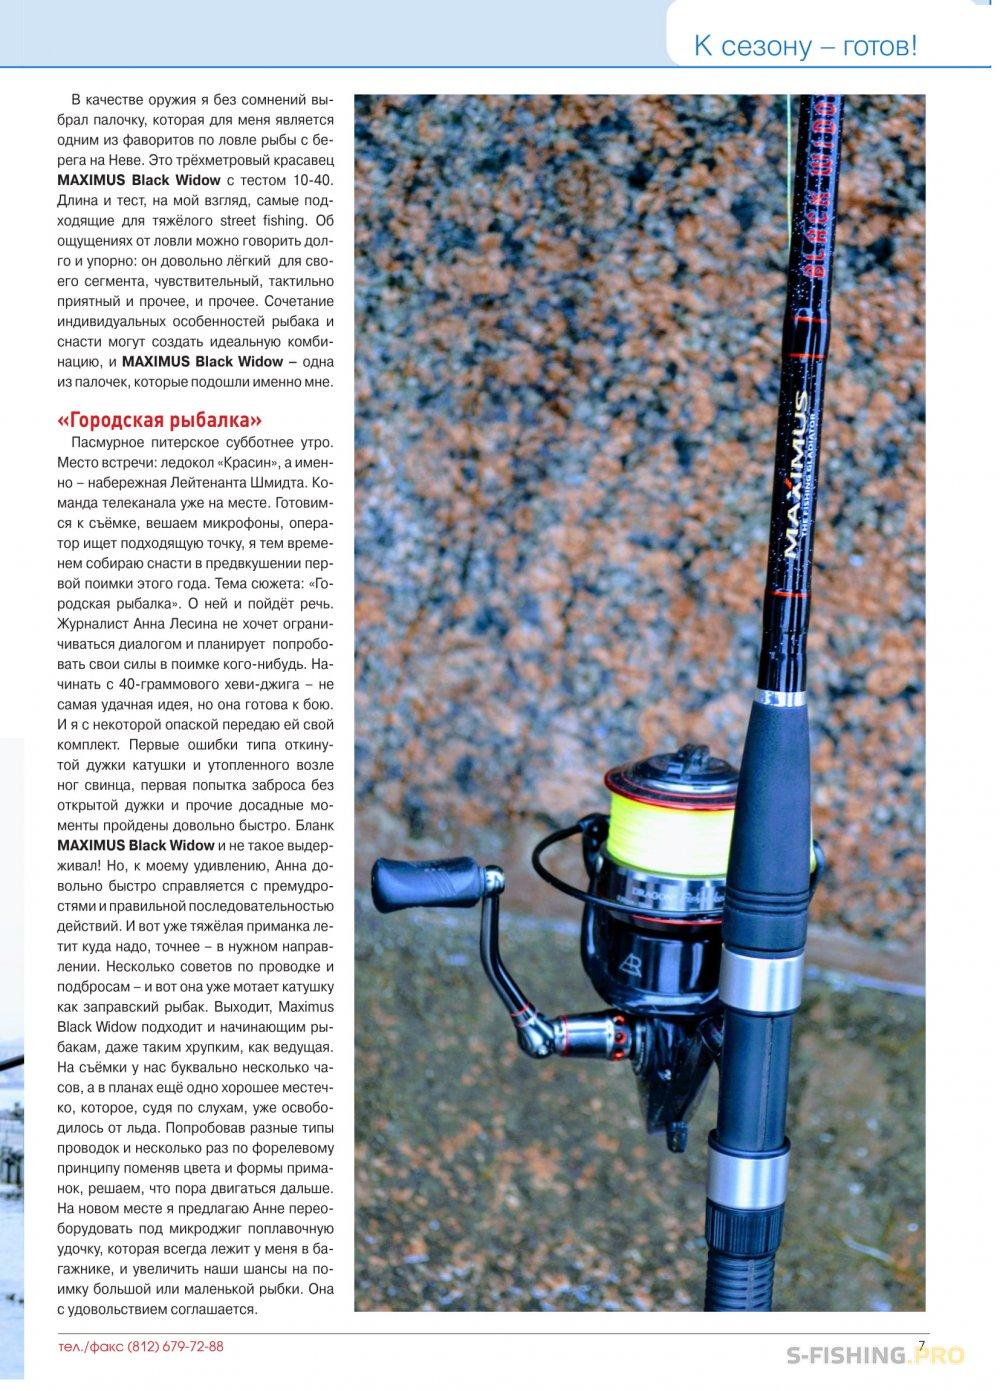 EcoGroup - эксклюзивный представитель брендов Maximus, Alaskan, LureMax, PowerPhantom, BlackSide, EcoPro, Saykio: S-FISHING.PRO в журнале